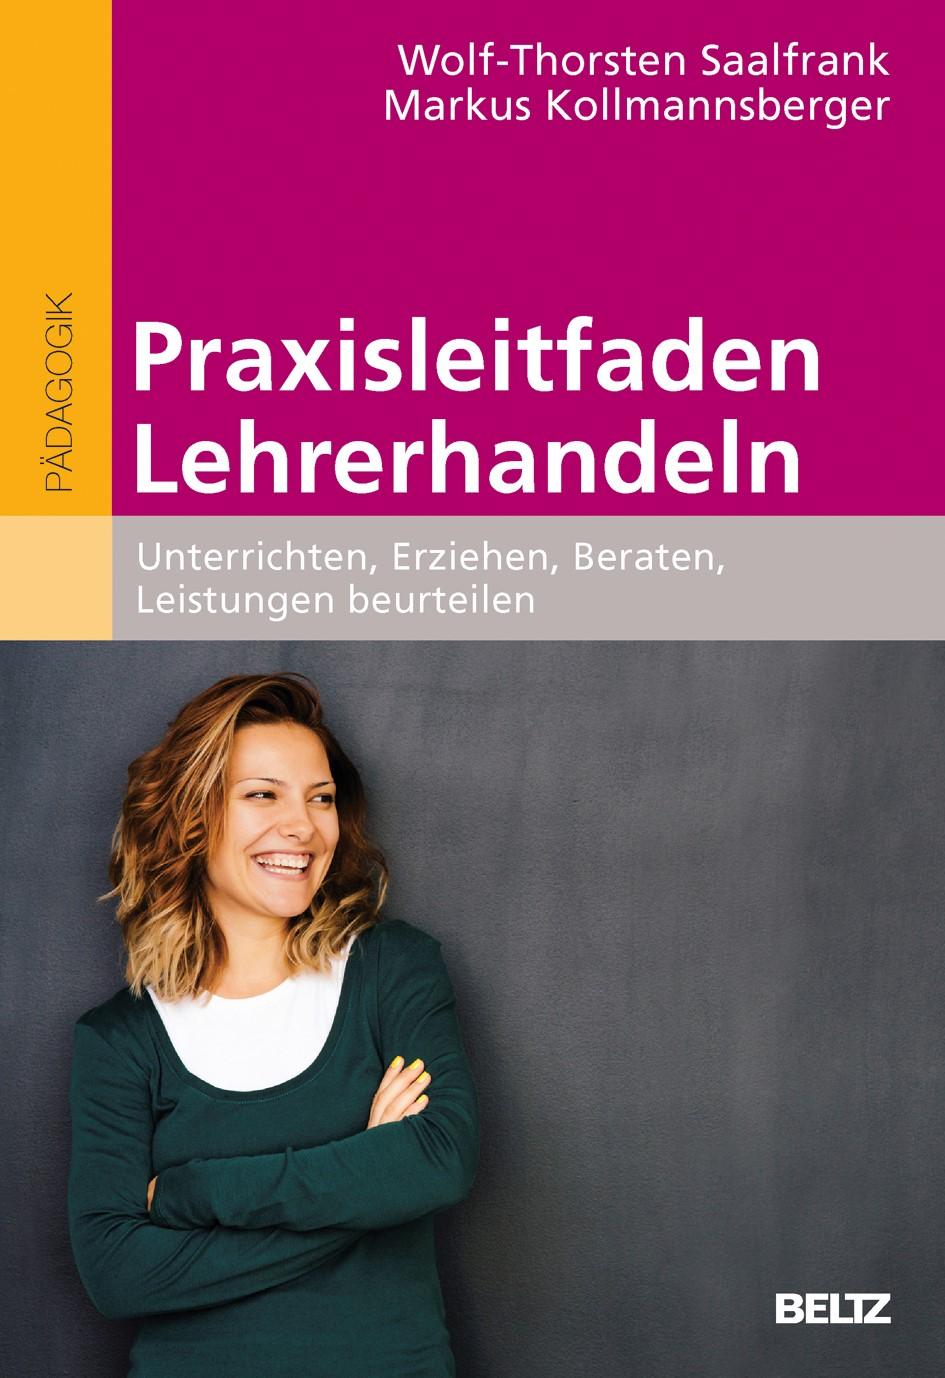 Praxisleitfaden Lehrerhandeln | Saalfrank / Kollmannsberger, 2017 | Buch (Cover)